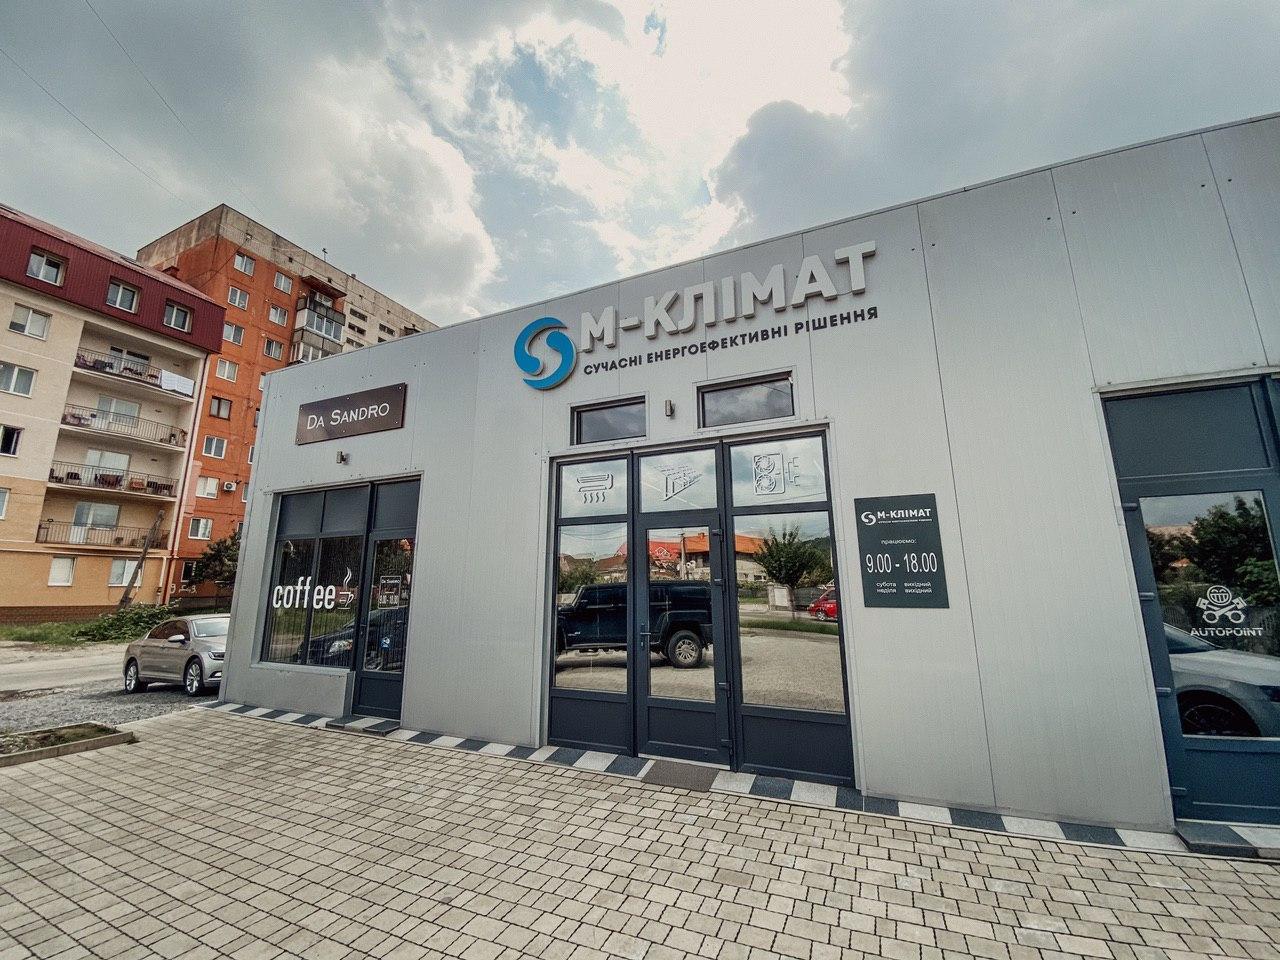 """Компанія """"М-Клімат"""" відкрила у Мукачеві новий шоу-рум"""